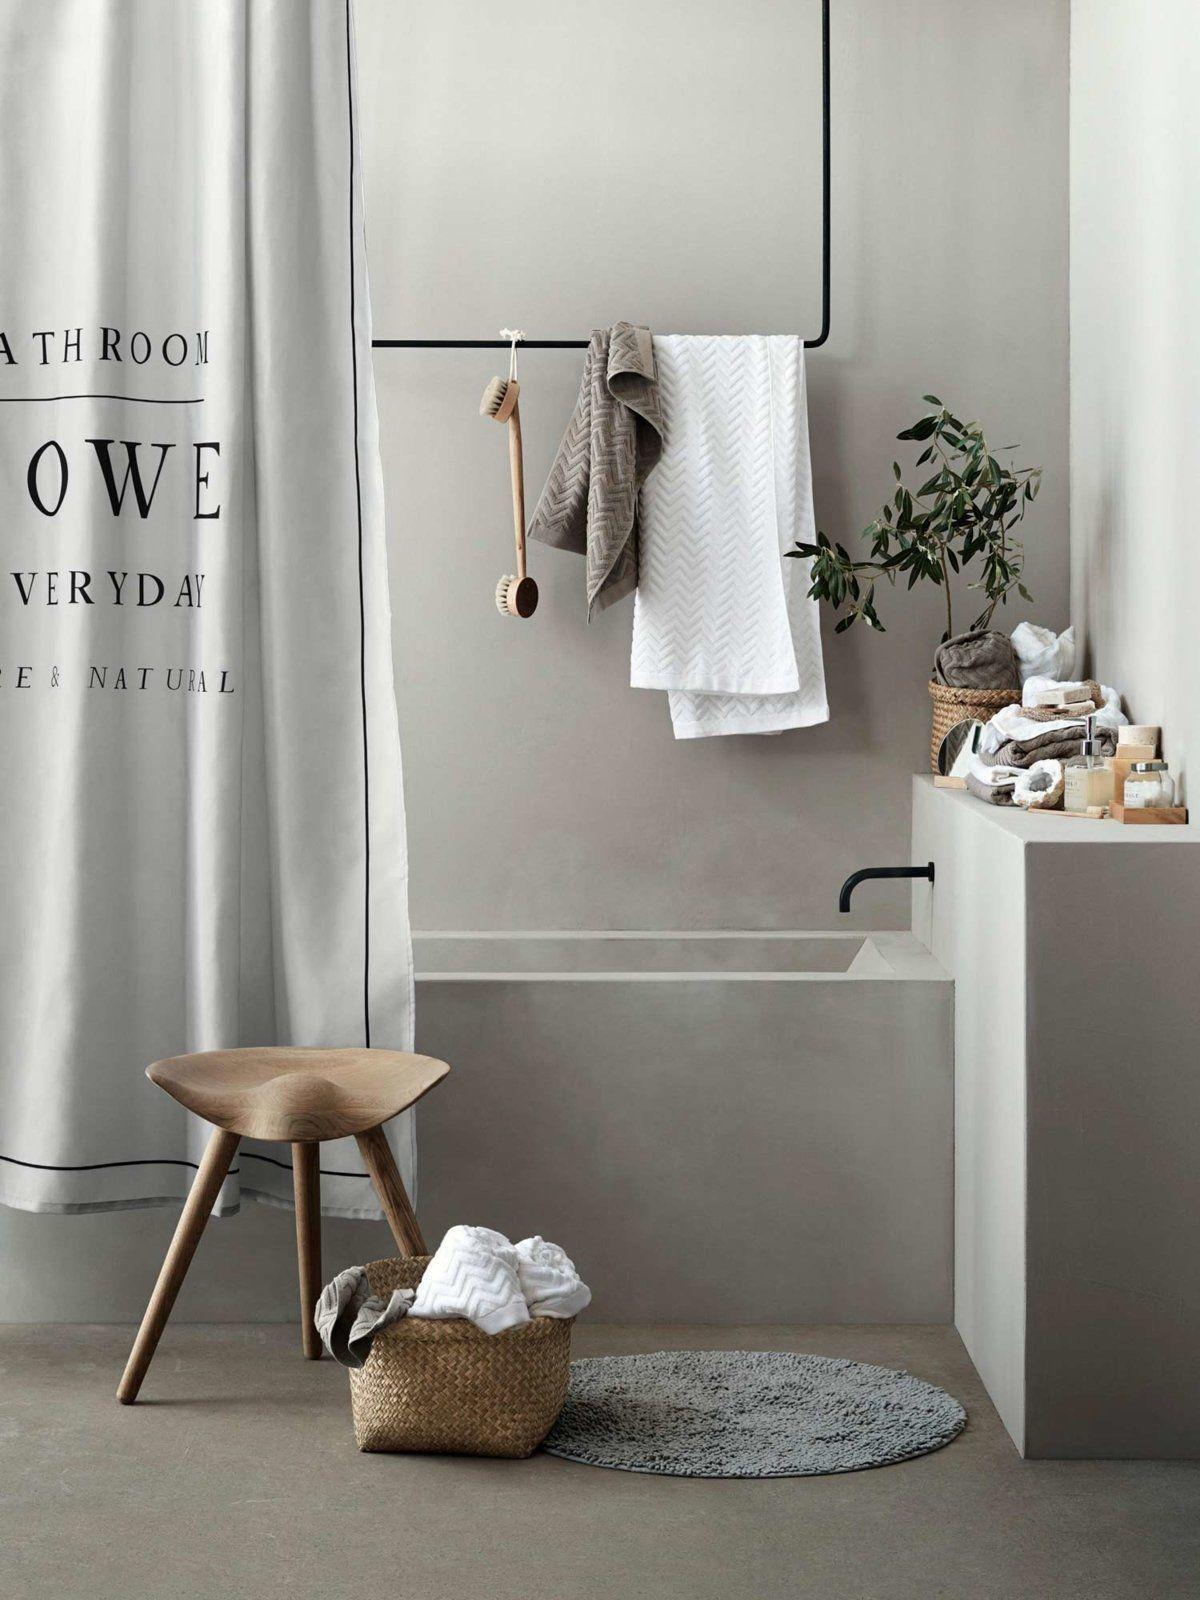 Wie Kann Man Badetucher Und Handtucher Schon Aufhangen Ohne Dass Sie Nass Bleiben Oder Ubereinande In 2020 Small Shower Remodel Bathrooms Remodel Diy Bathroom Remodel